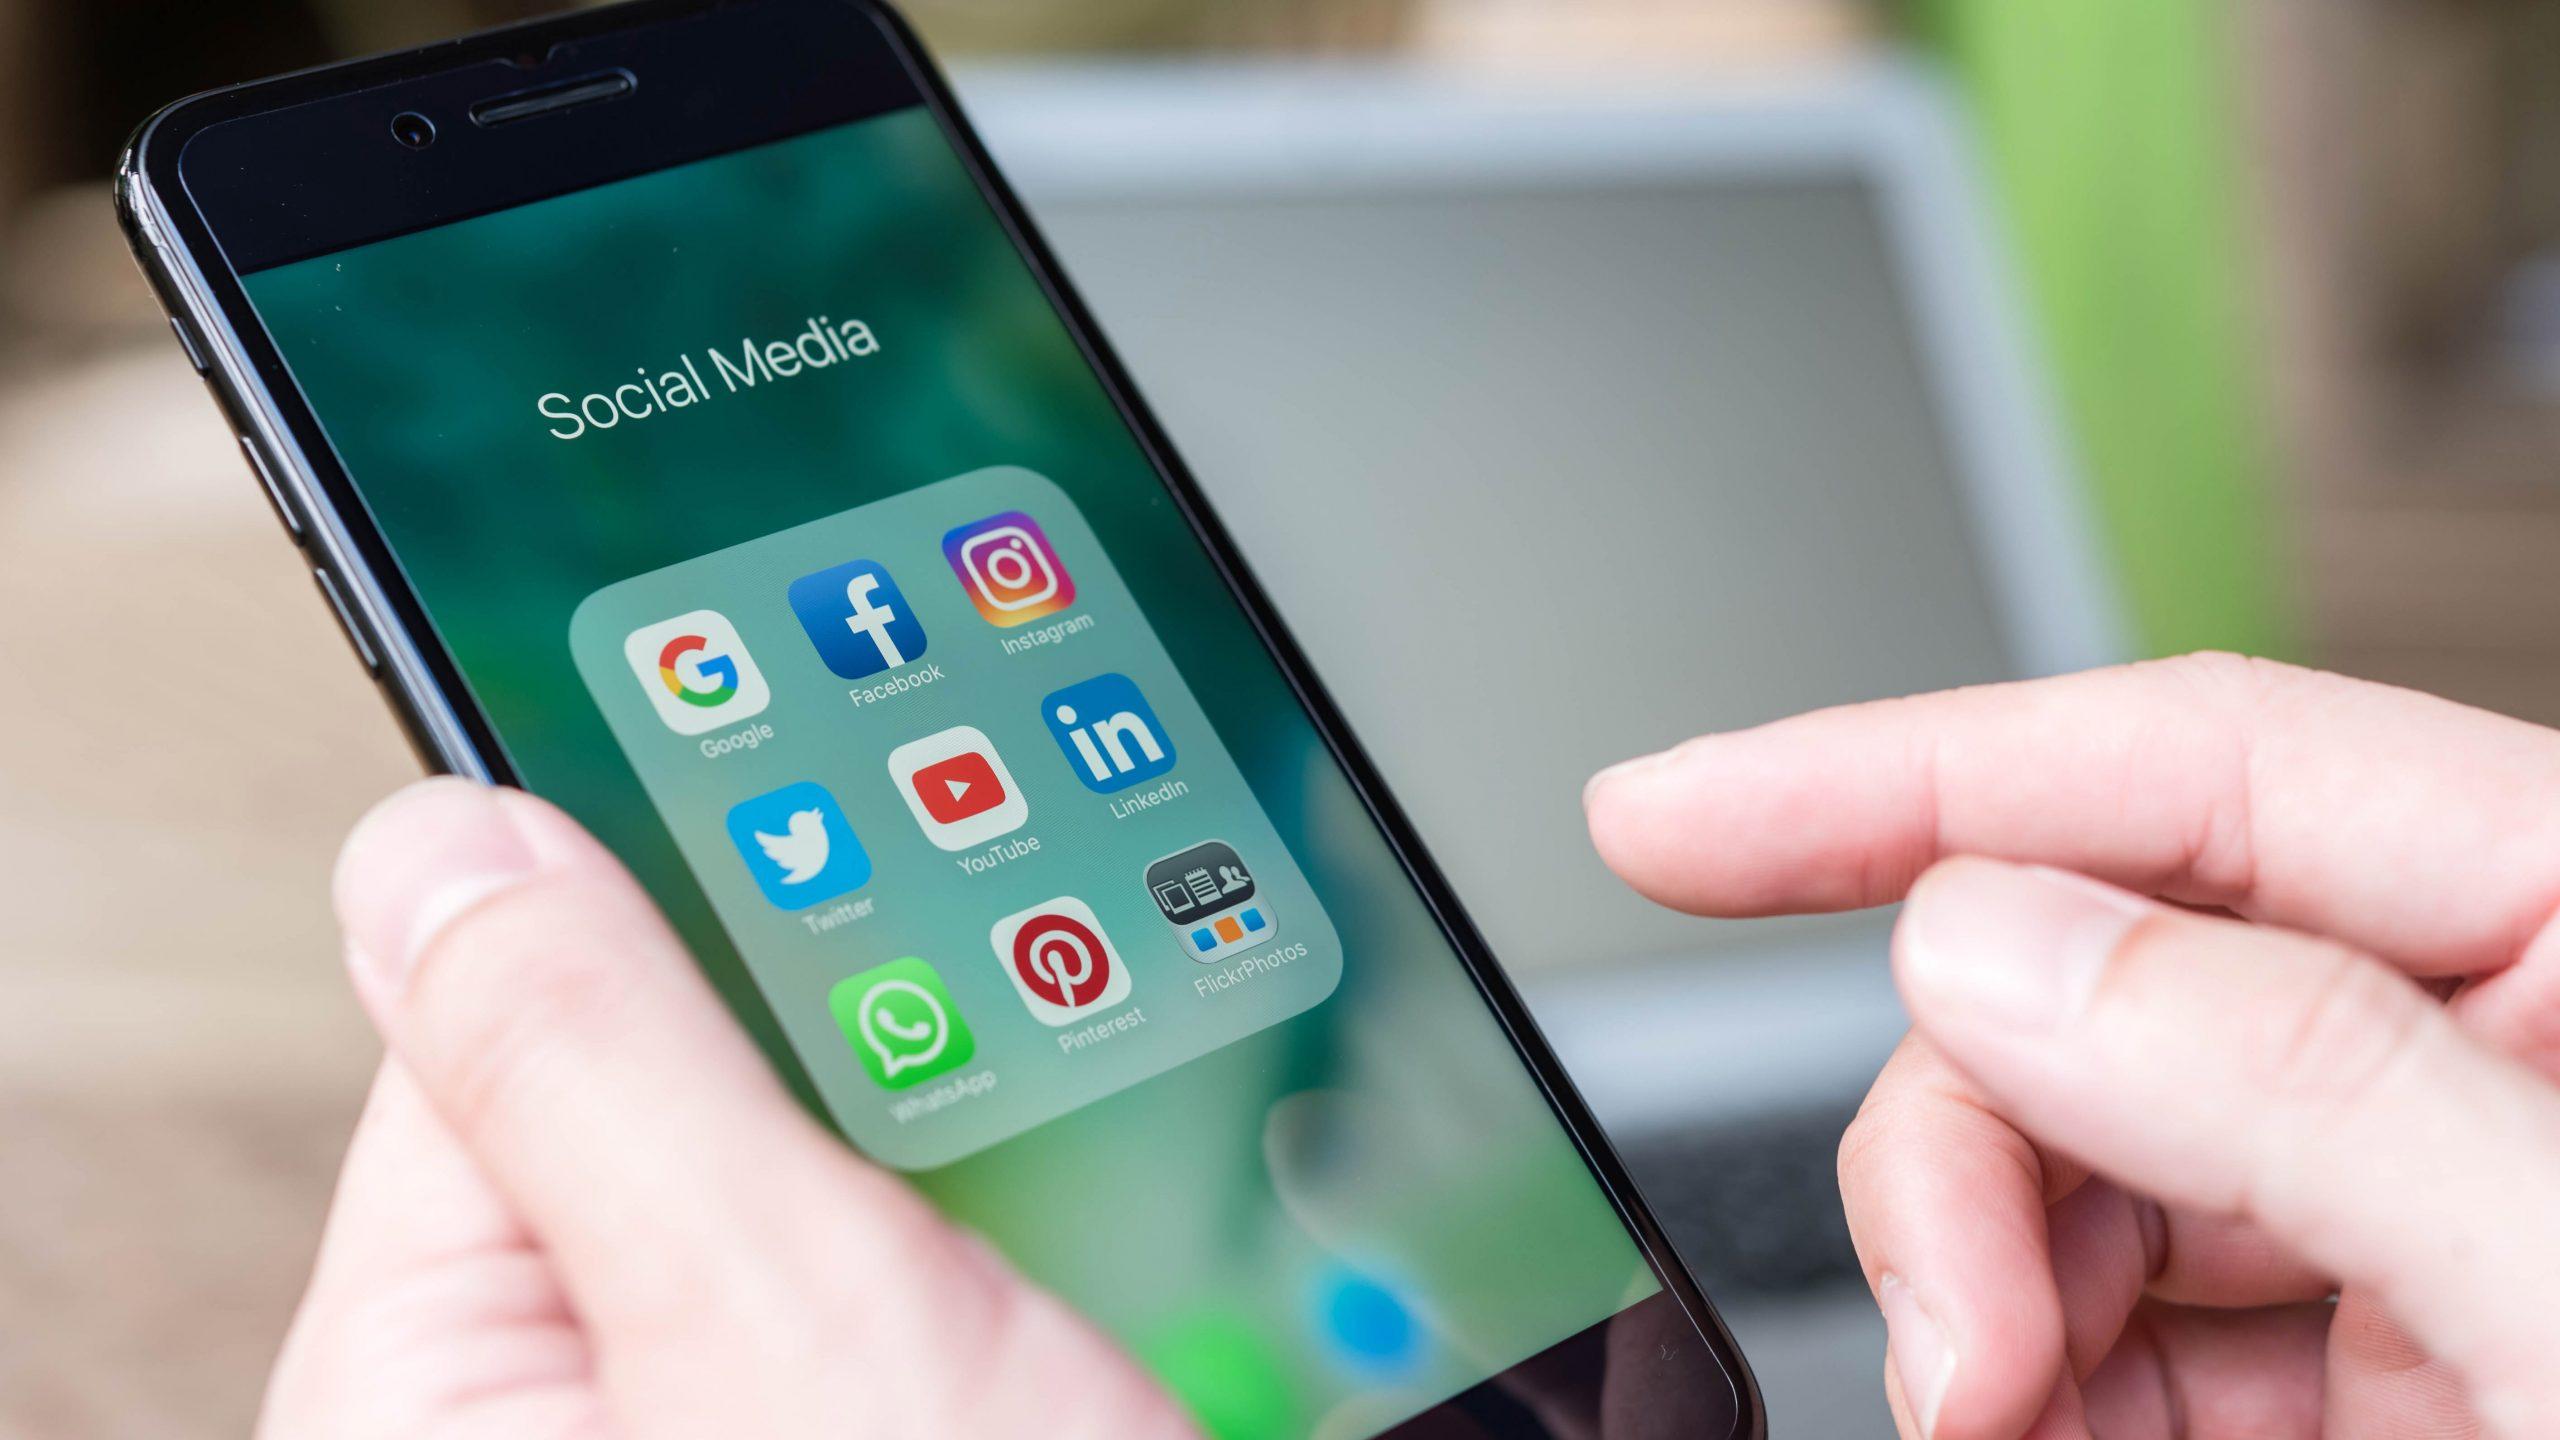 Planning for Social Media Success